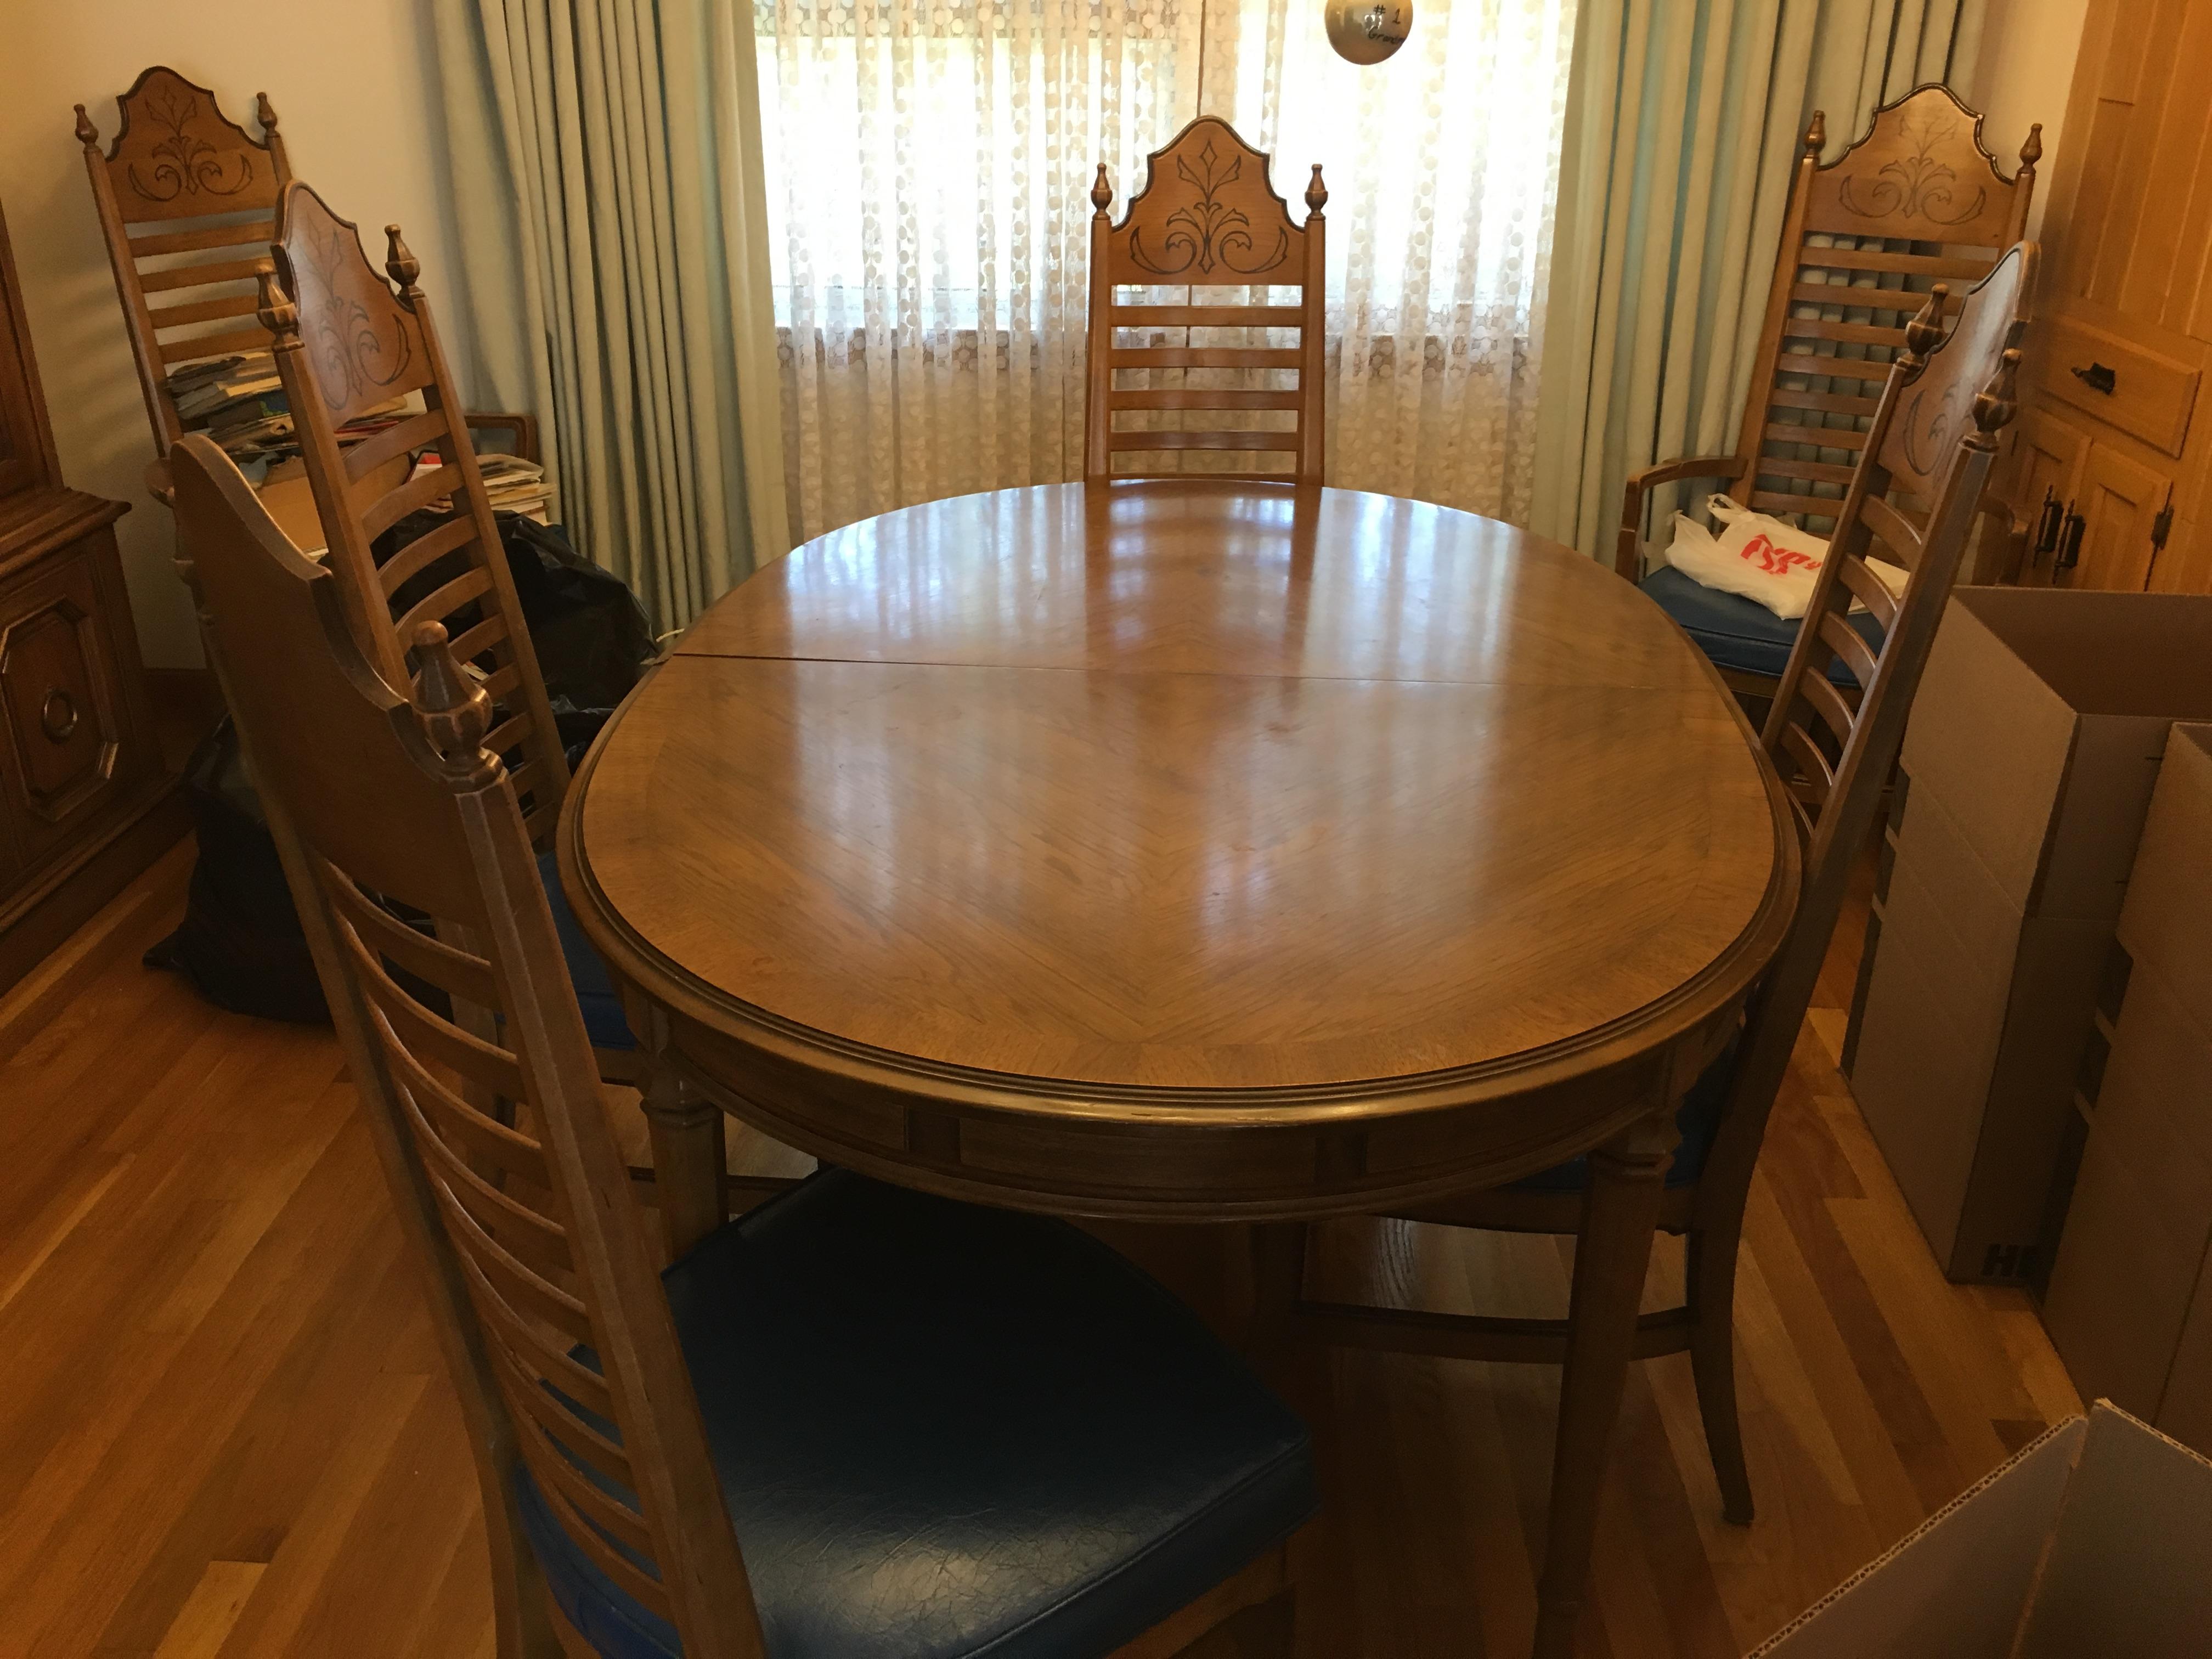 drexel dining room furniture 1960 | 1960'S Drexel Dining room set antique appraisal ...